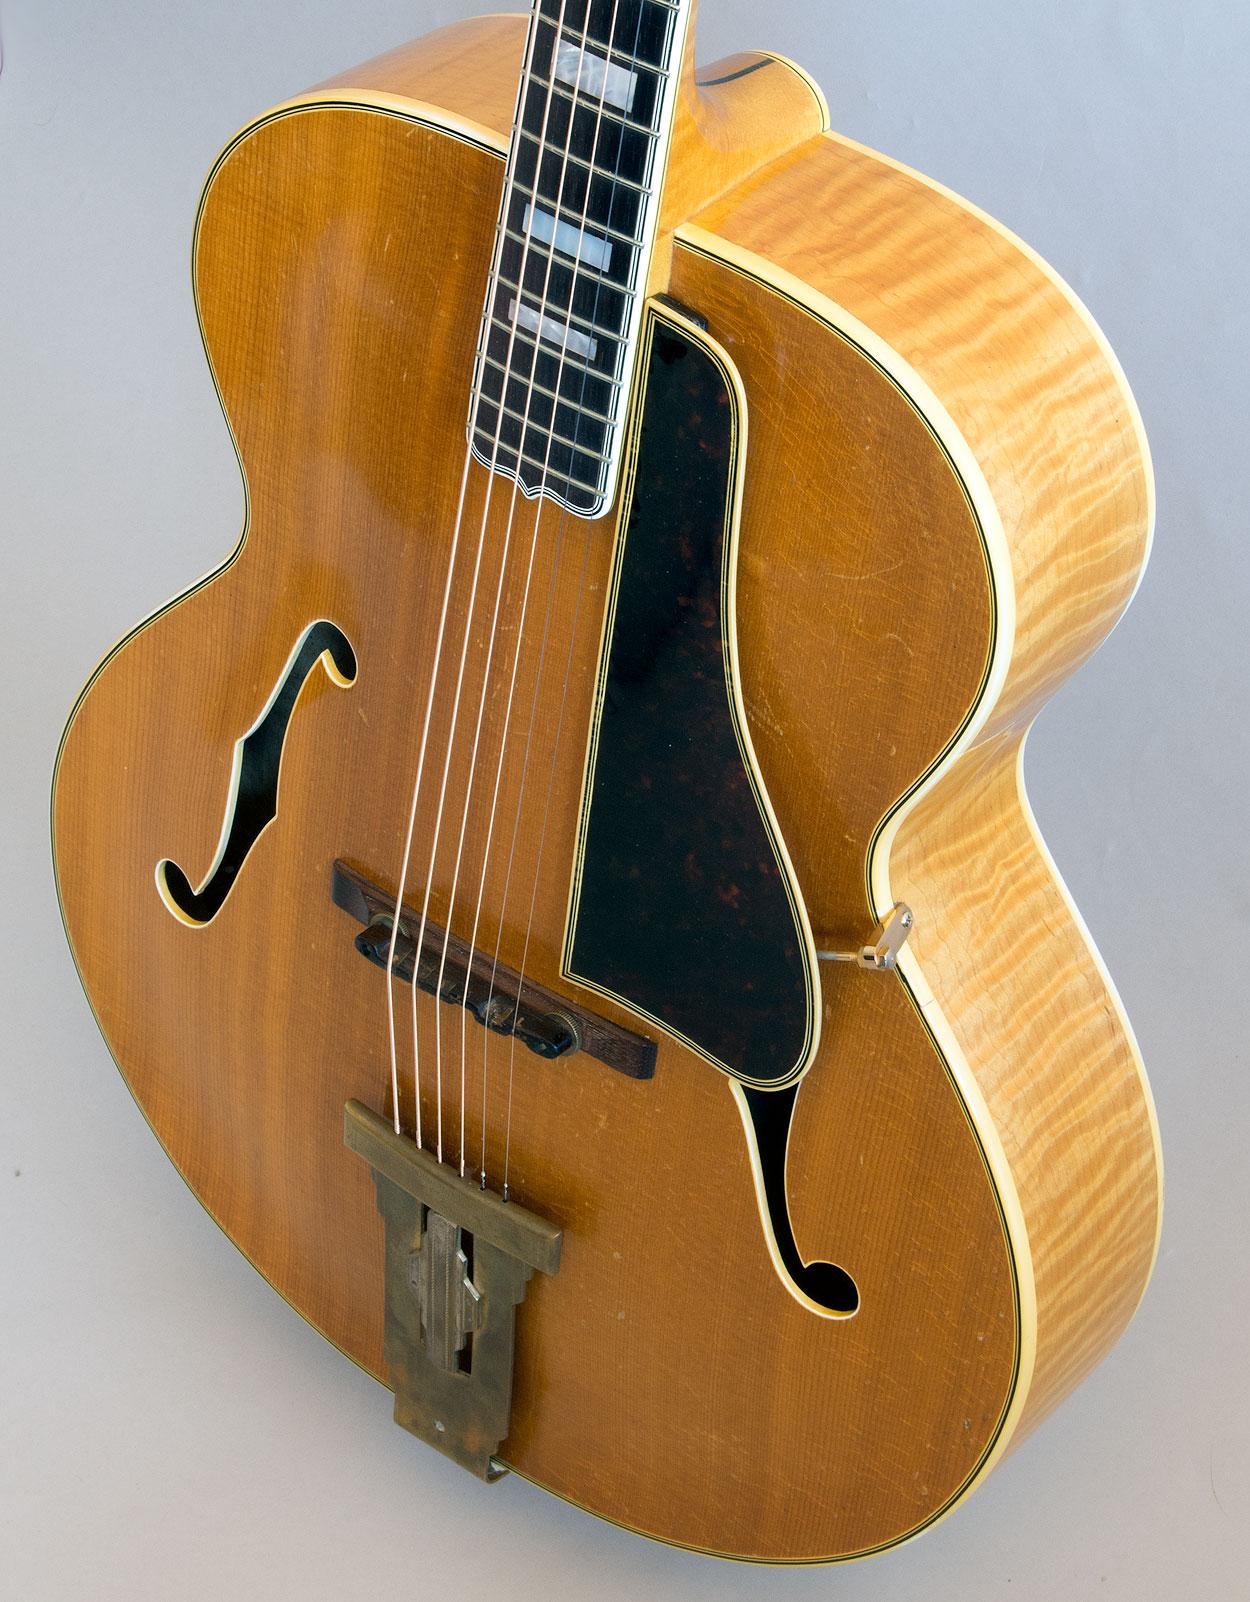 gibson l 5 guitar for sale. Black Bedroom Furniture Sets. Home Design Ideas